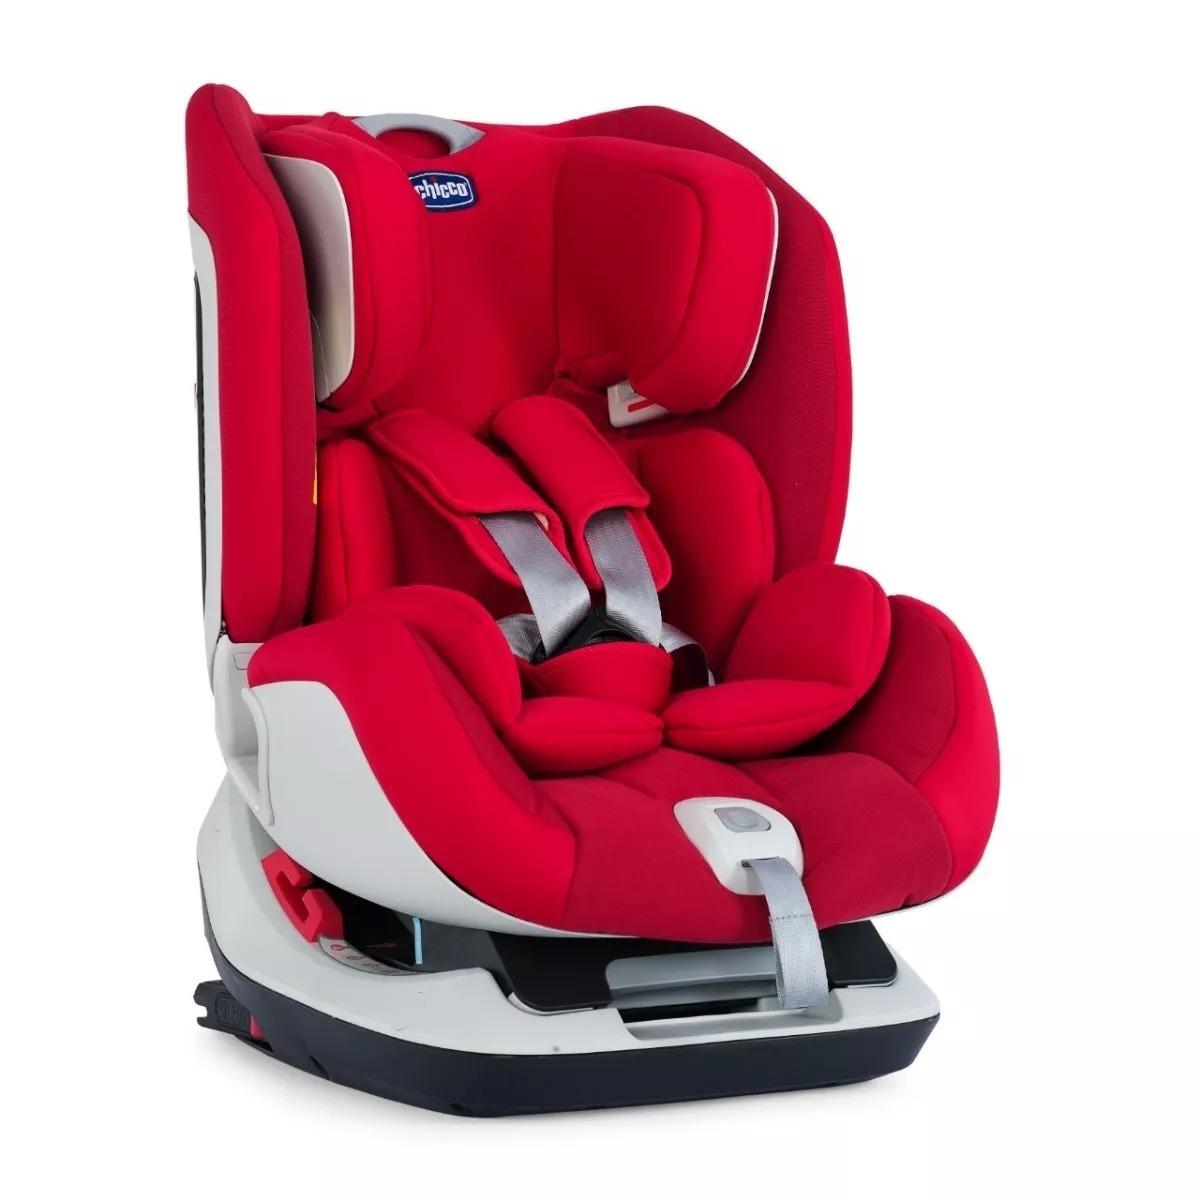 e89885410 cadeira auto infantil carro seat up - chicco 0 a 25kg 982870. Carregando  zoom.